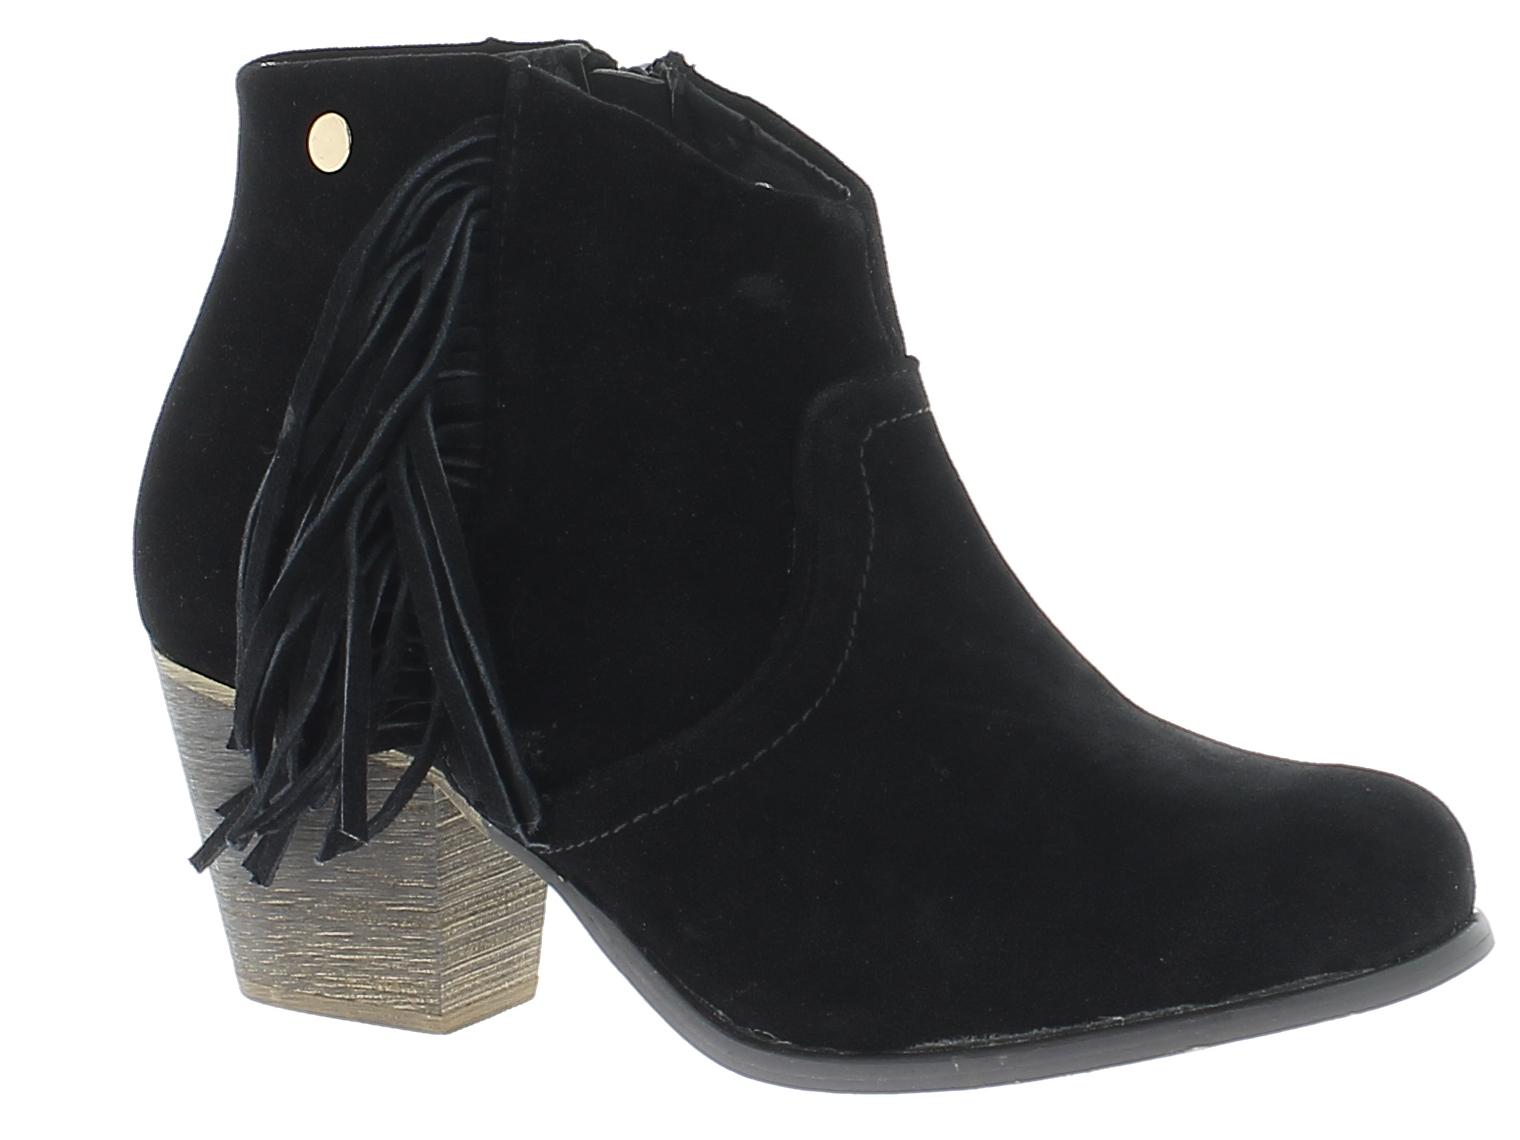 IQSHOES Γυναικείο Μποτάκι CF1512 Μαύρο - IqShoes - CF1512 BLACK black 40/1/15/8 παπούτσια  γυναικεία μποτάκια